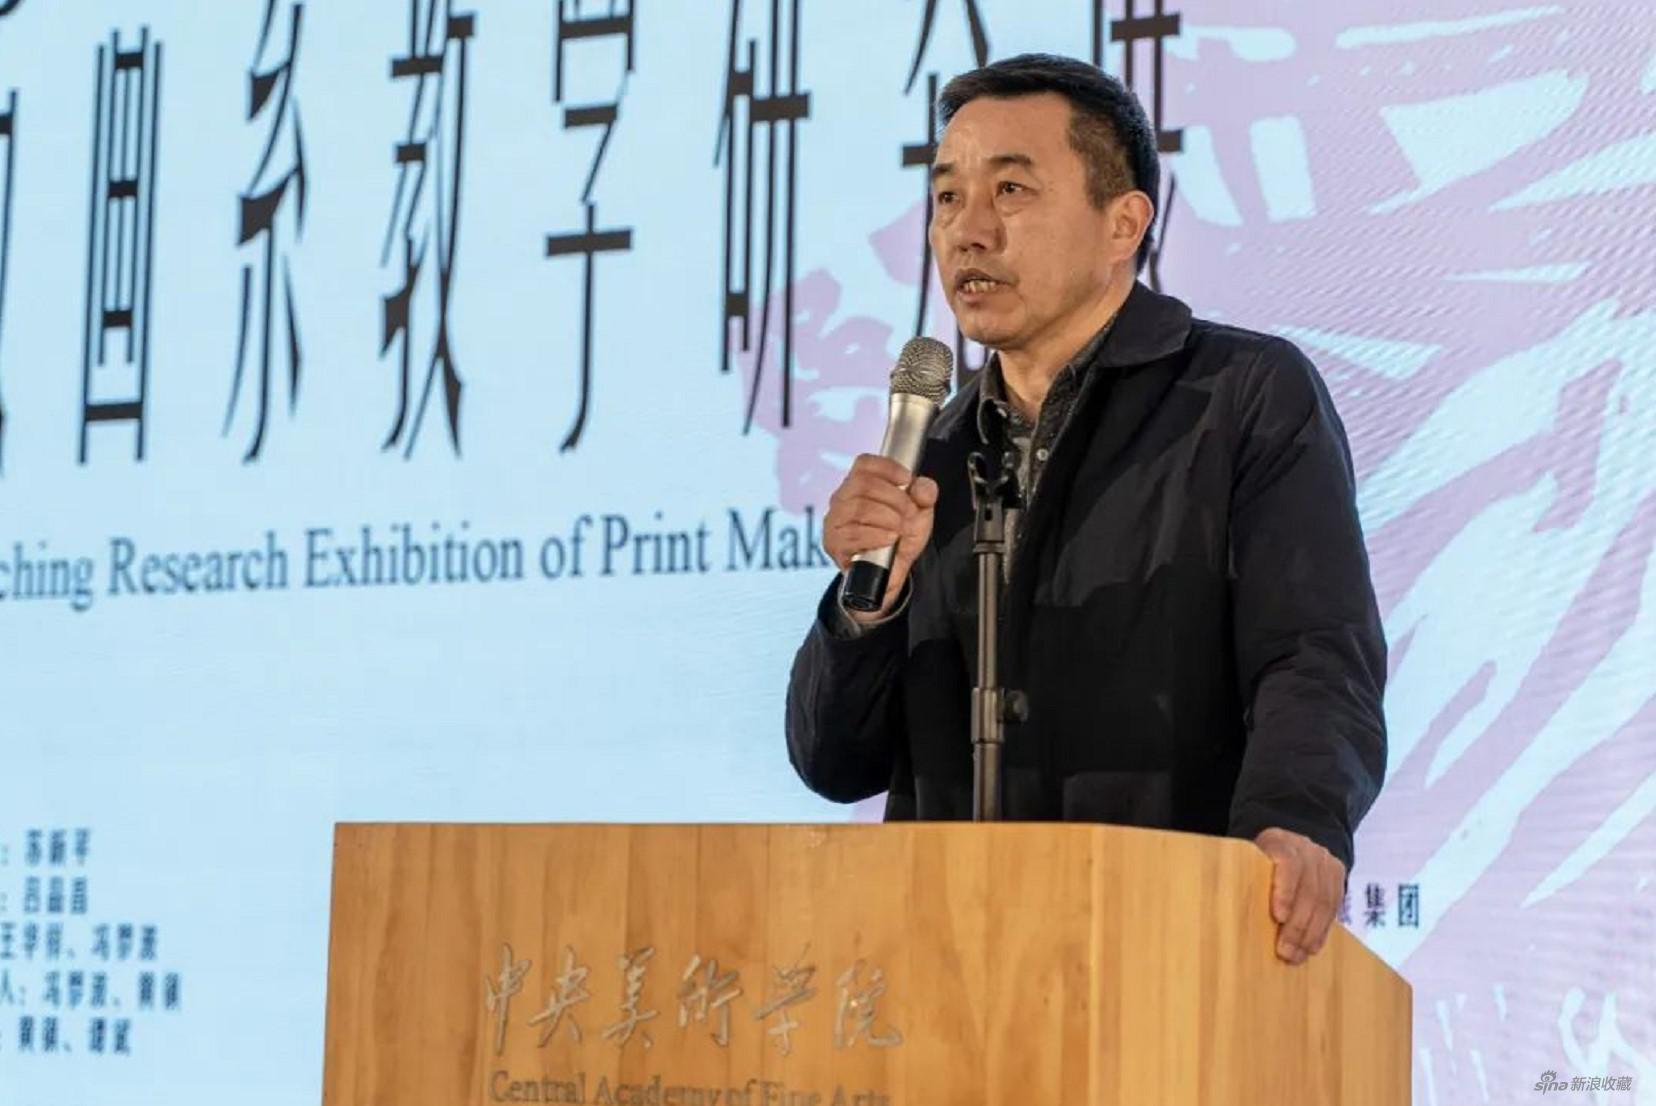 景德镇市美术家协会主席、景德镇陶瓷大学副校长吕金泉发言